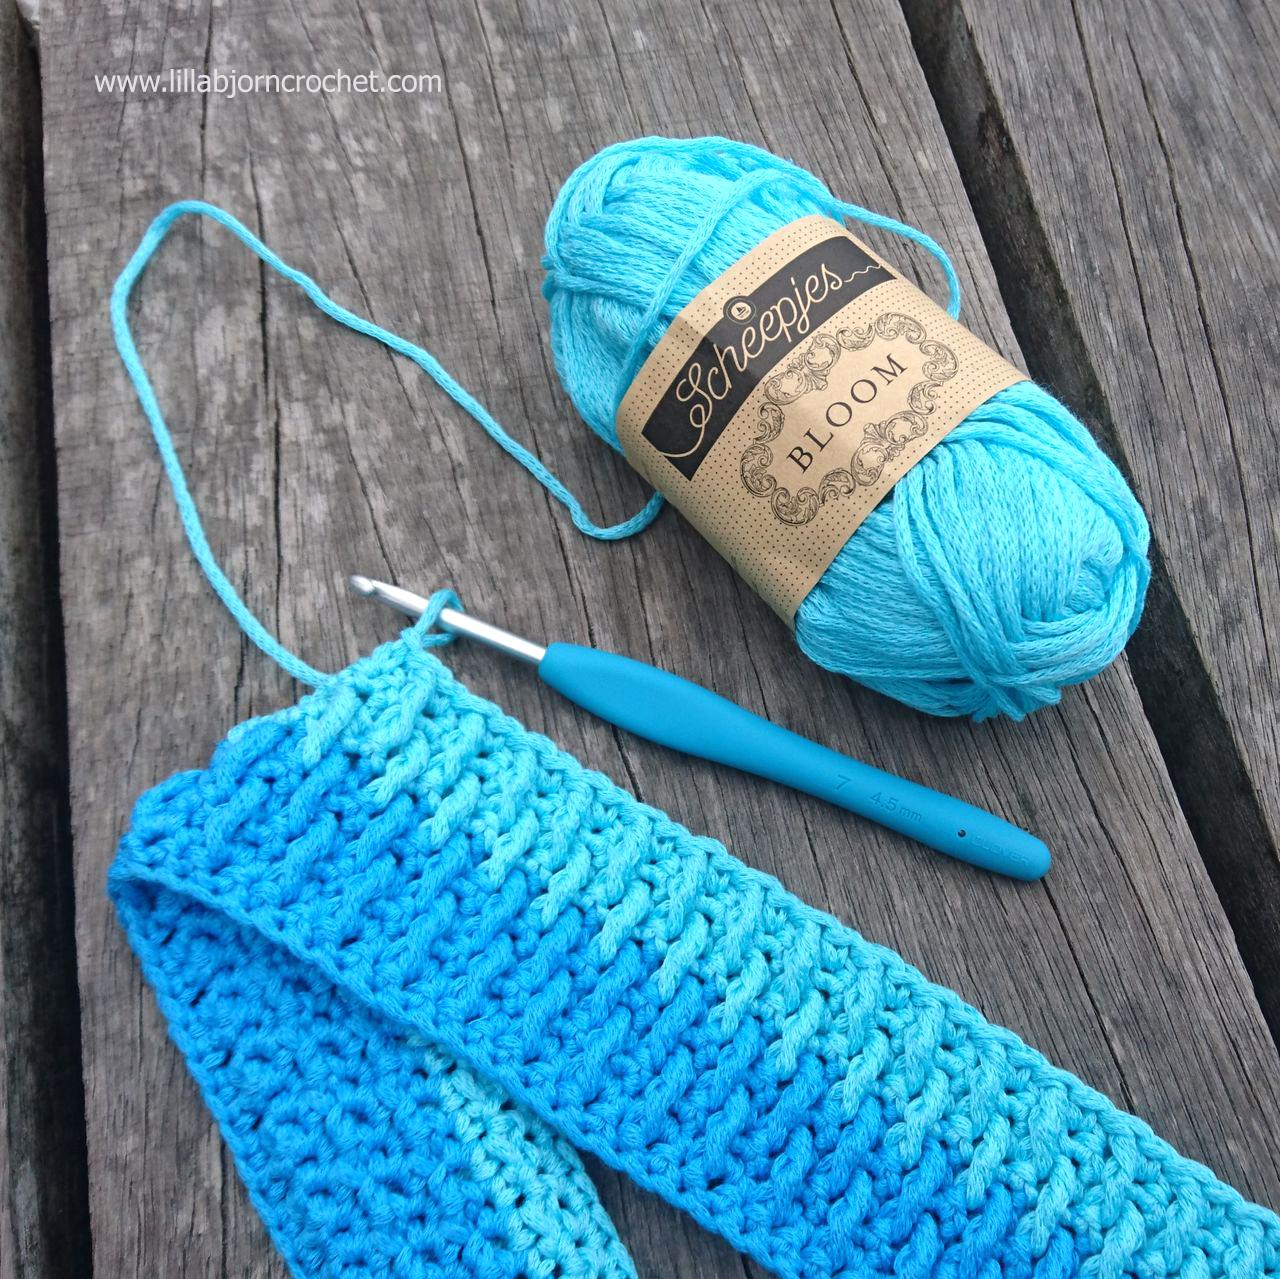 Bathmat with Bloom yarn by Scheepjes. Free crochet pattern by Lilla Bjorn